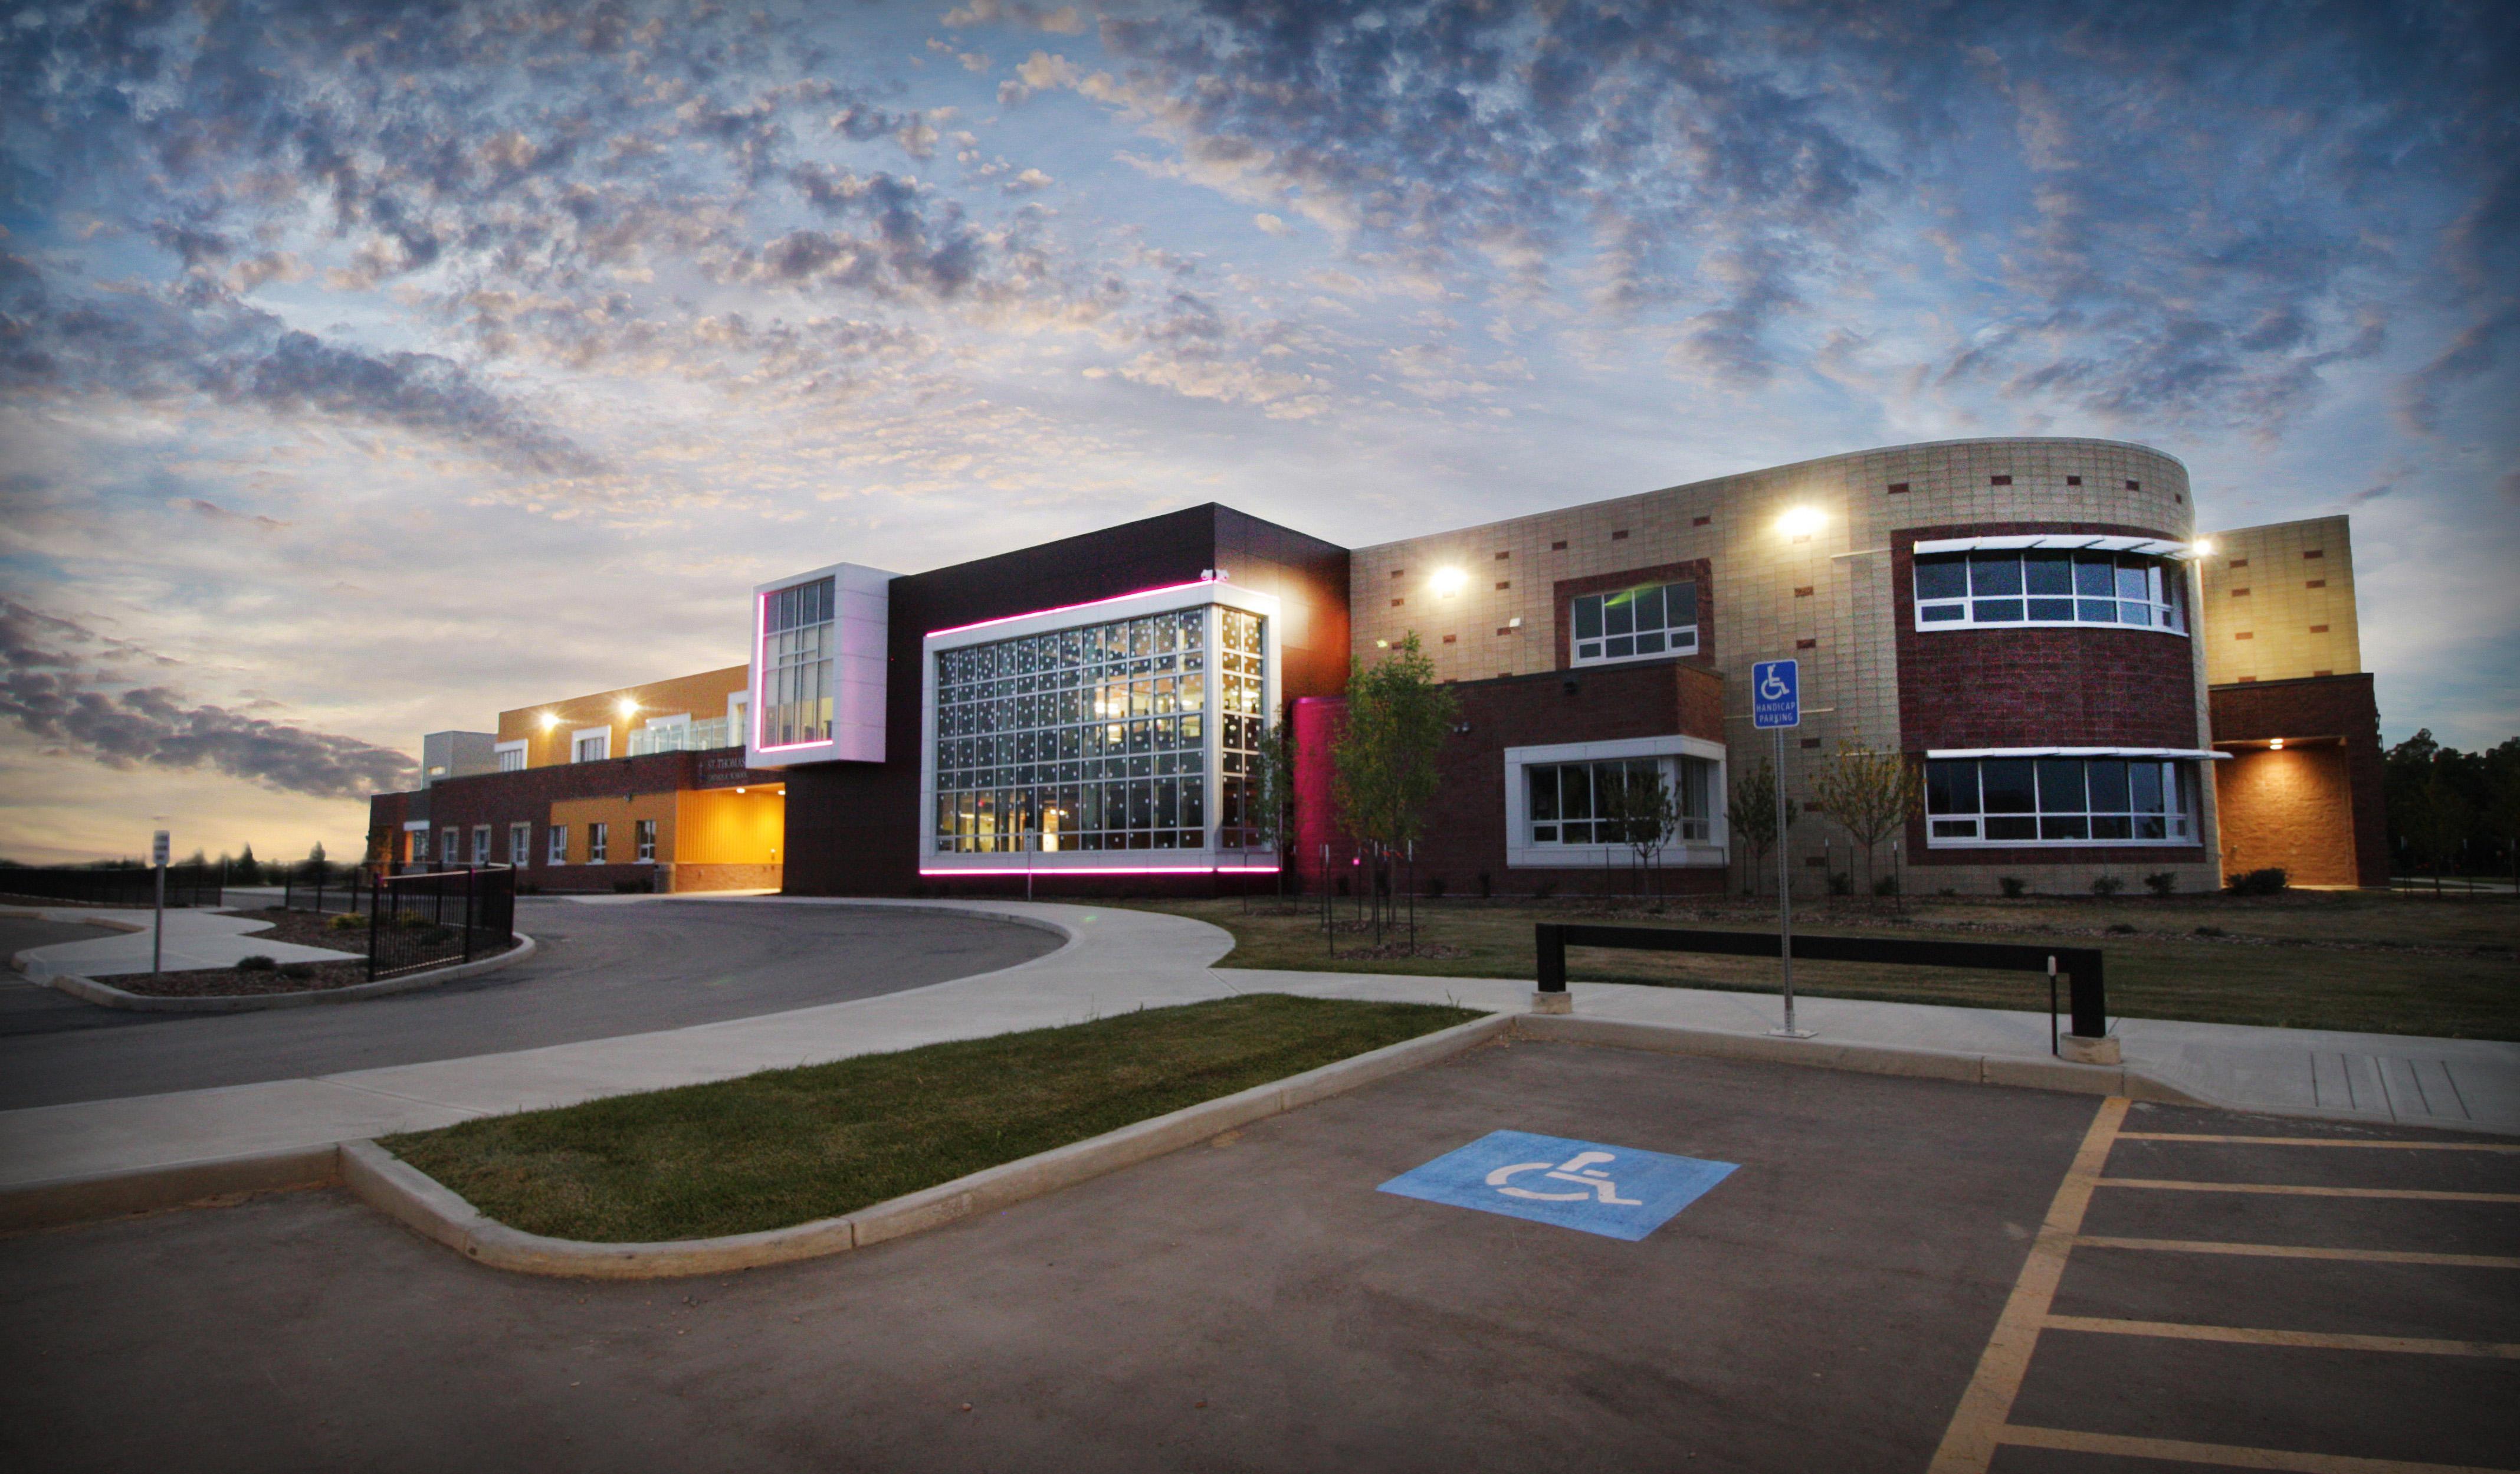 3 EDMONTON CATHOLIC SCHOOLS